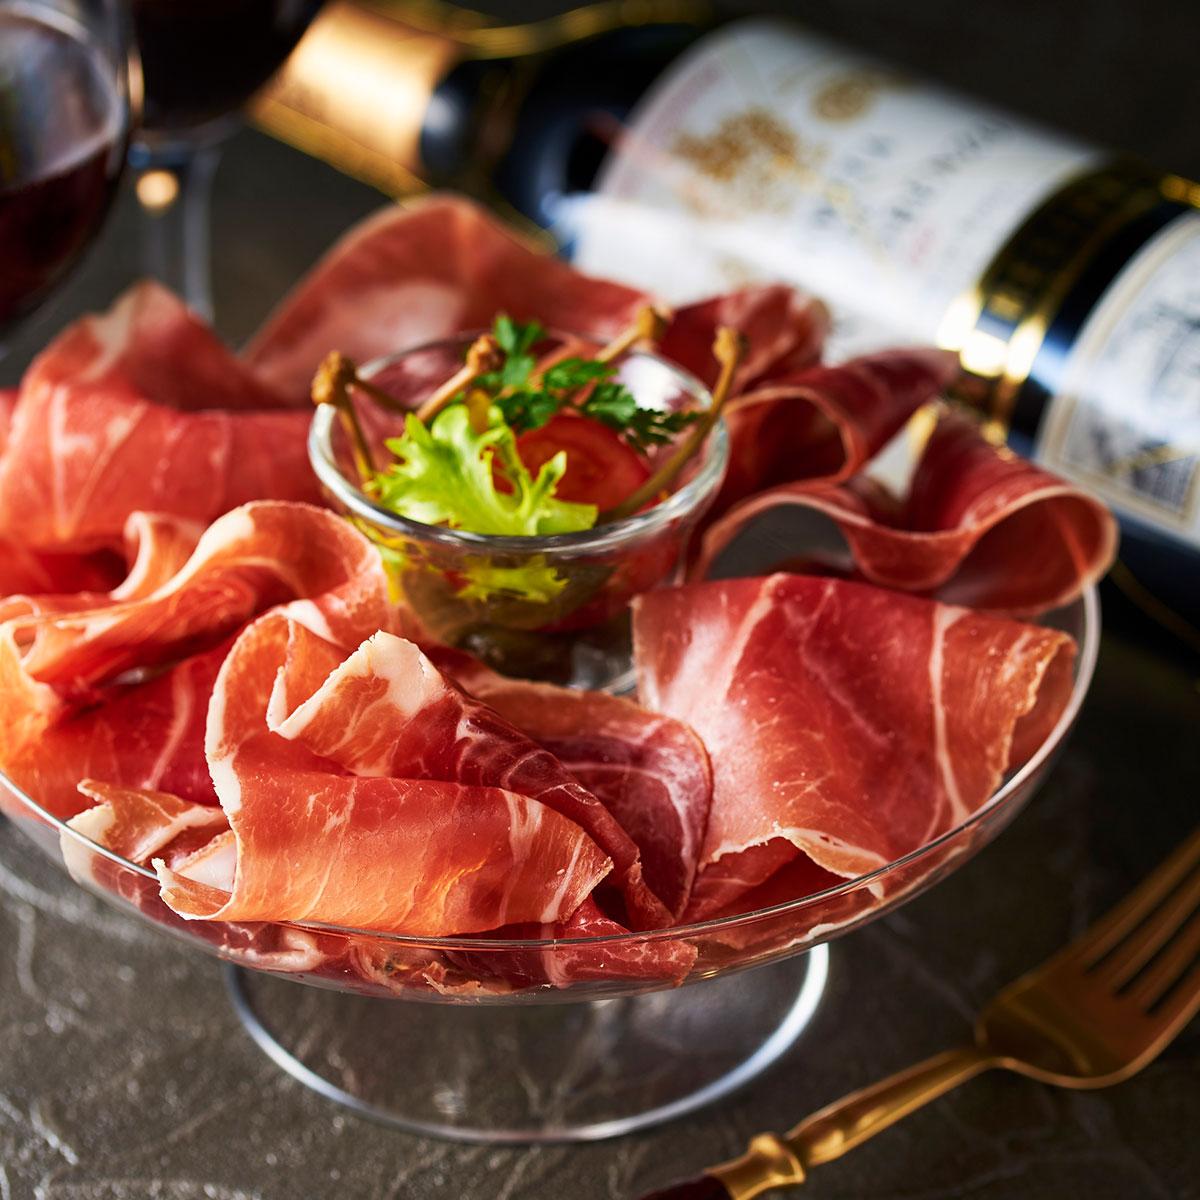 スペイン王室献上品生ハム食べ比べセット 4年熟成&30か月熟成